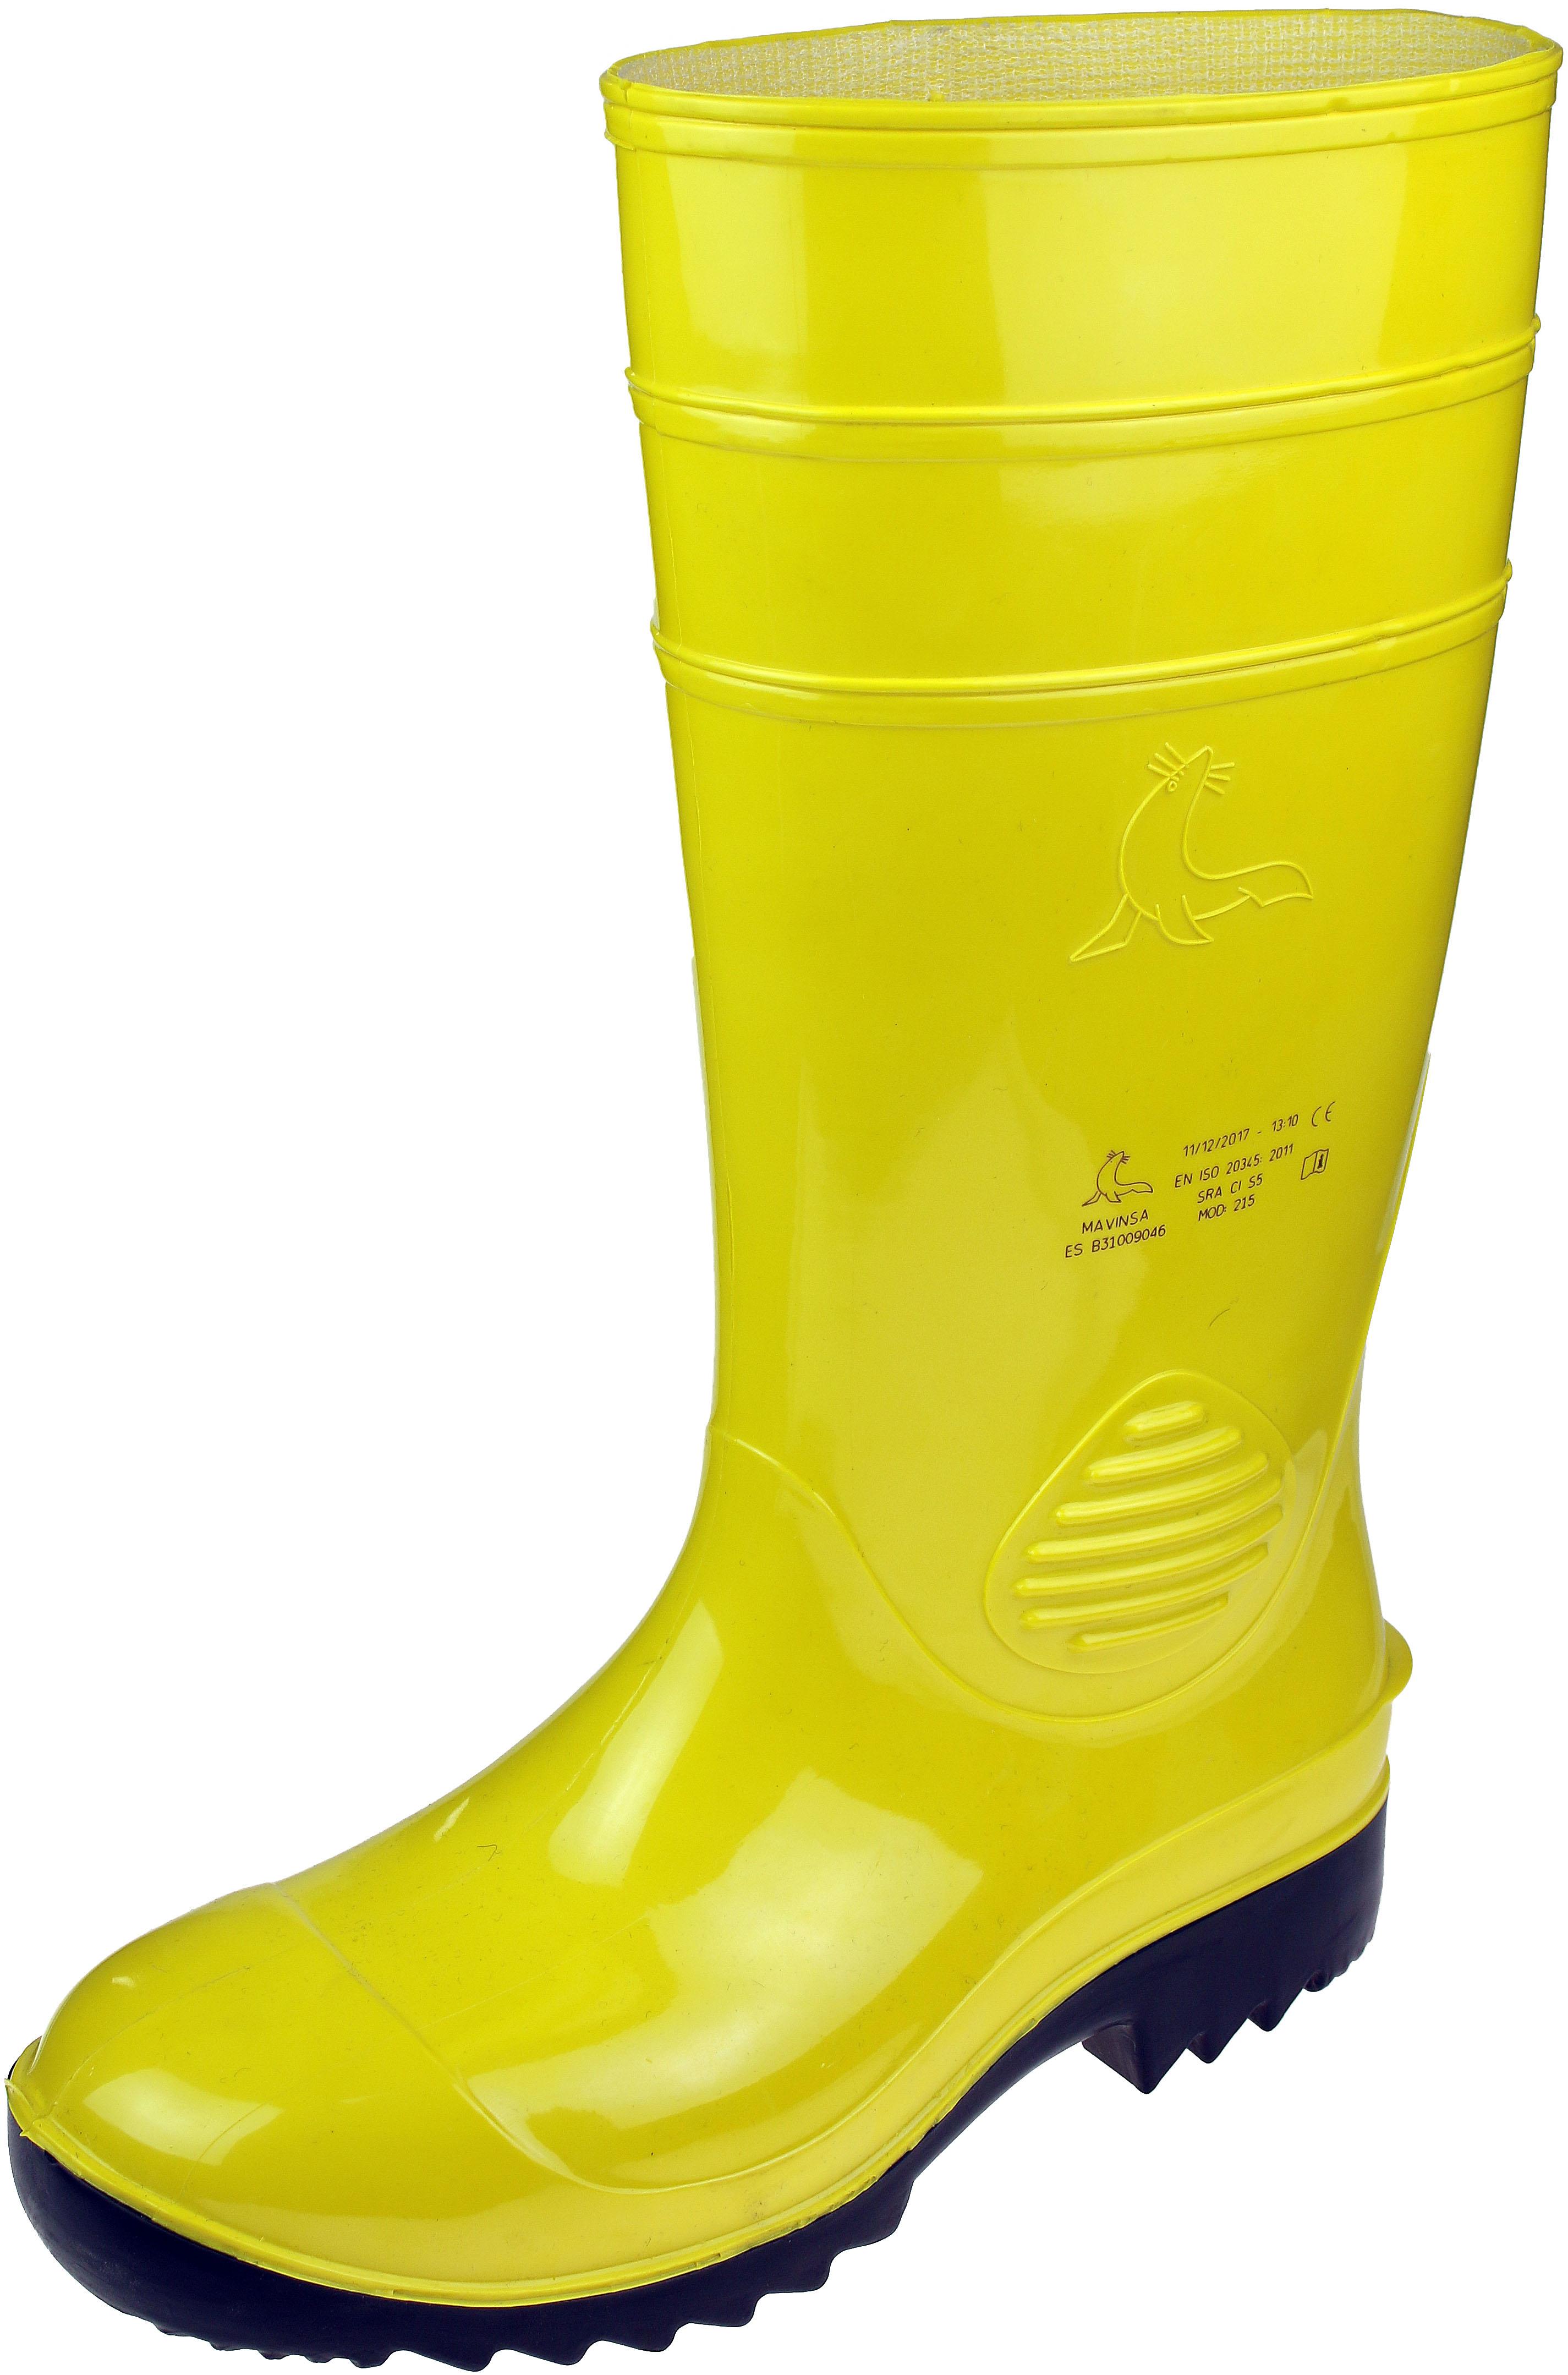 PVC-Sicherheitsstiefel S5, phthalatfrei, gelb oder schwarz